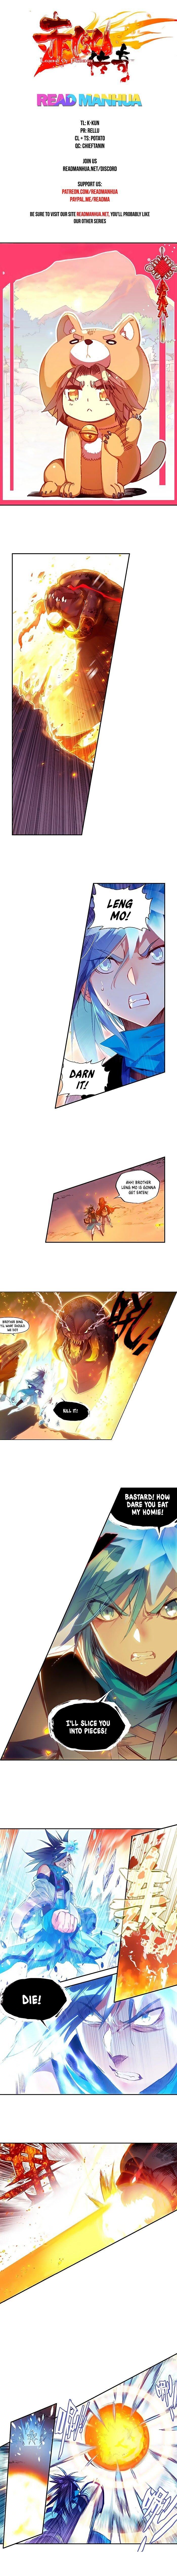 Manga Legend of Phoenix - Chapter 74 Page 1